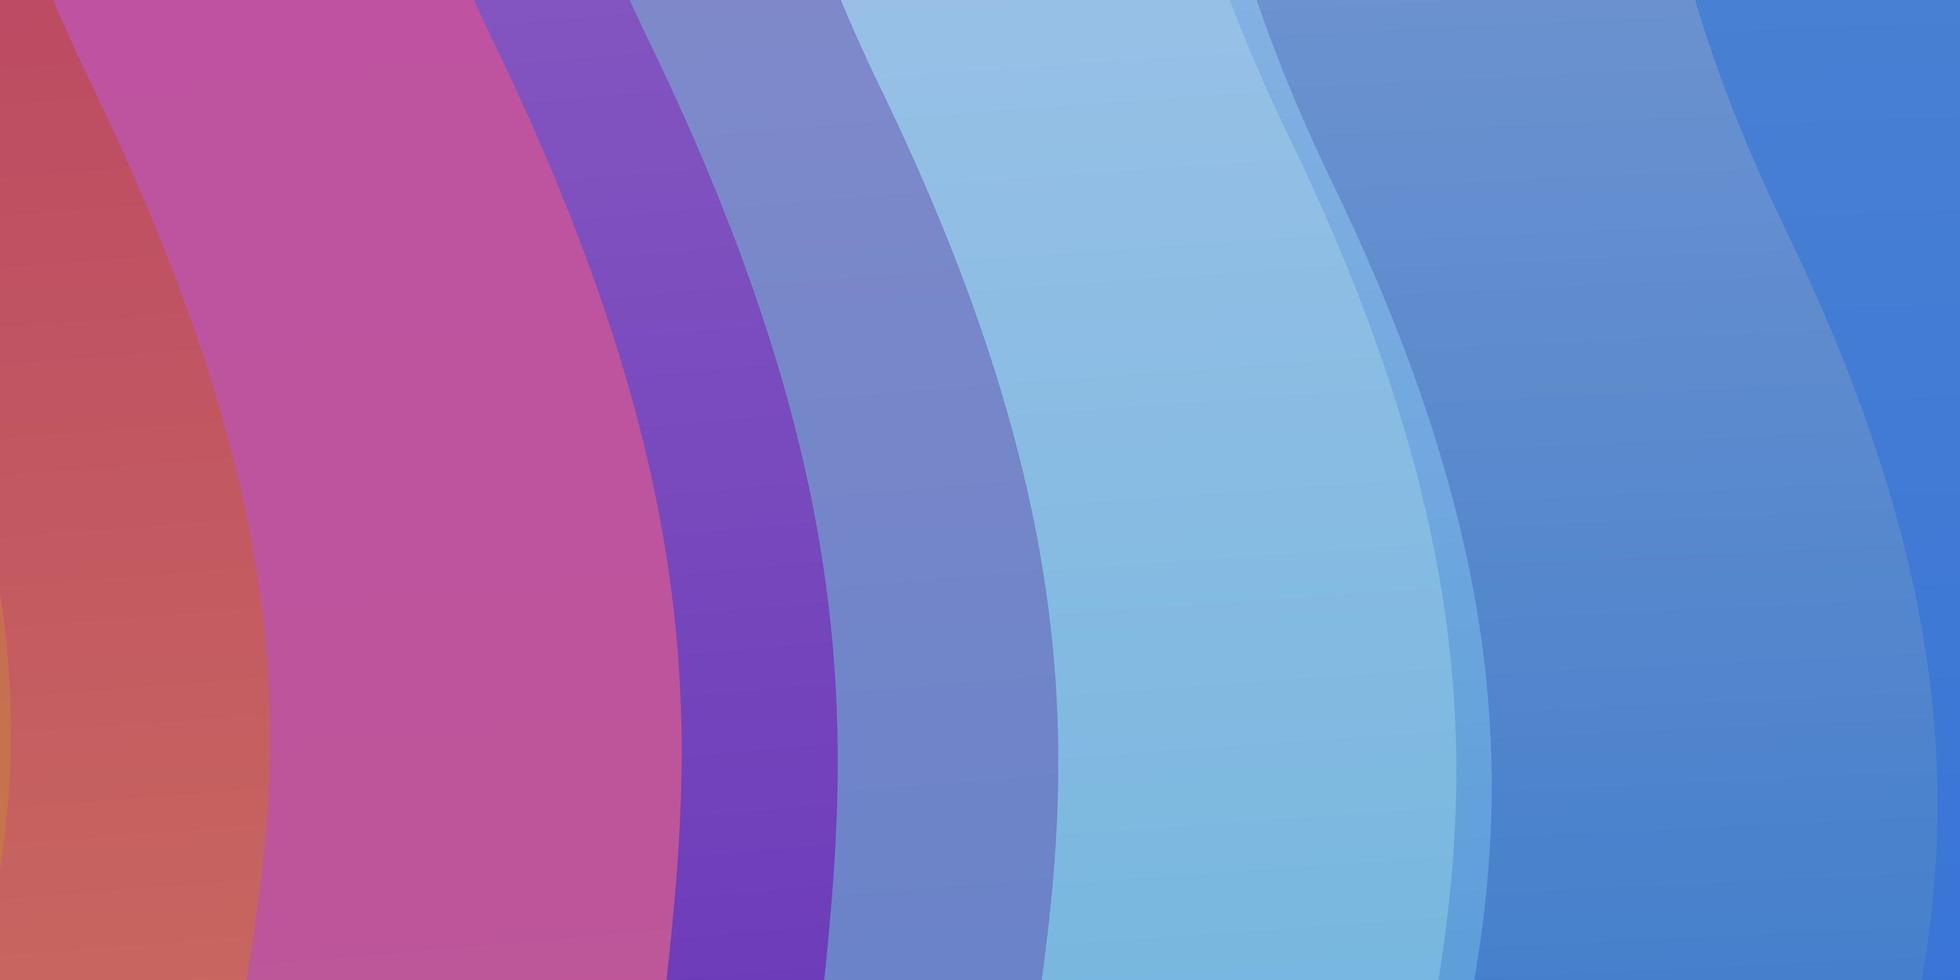 ljusblått, rött vektormönster med sneda linjer. vektor